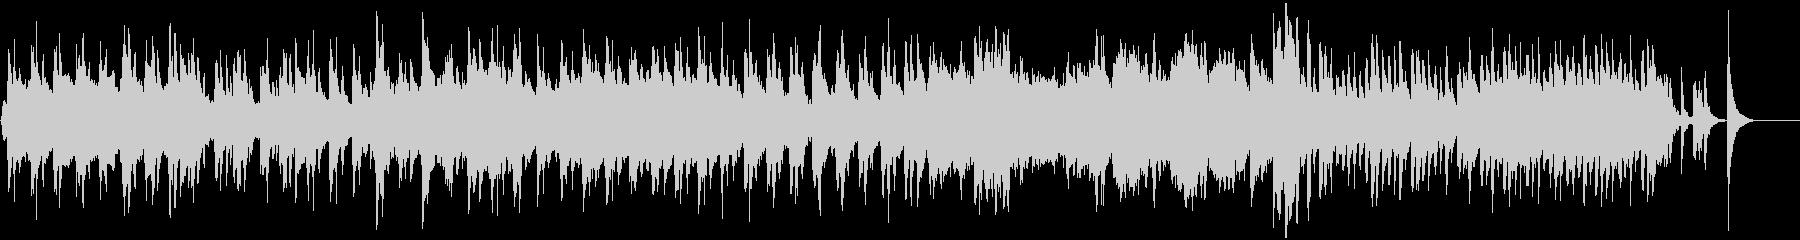 ピアノ・ストリングスの穏やかでカワイイ曲の未再生の波形